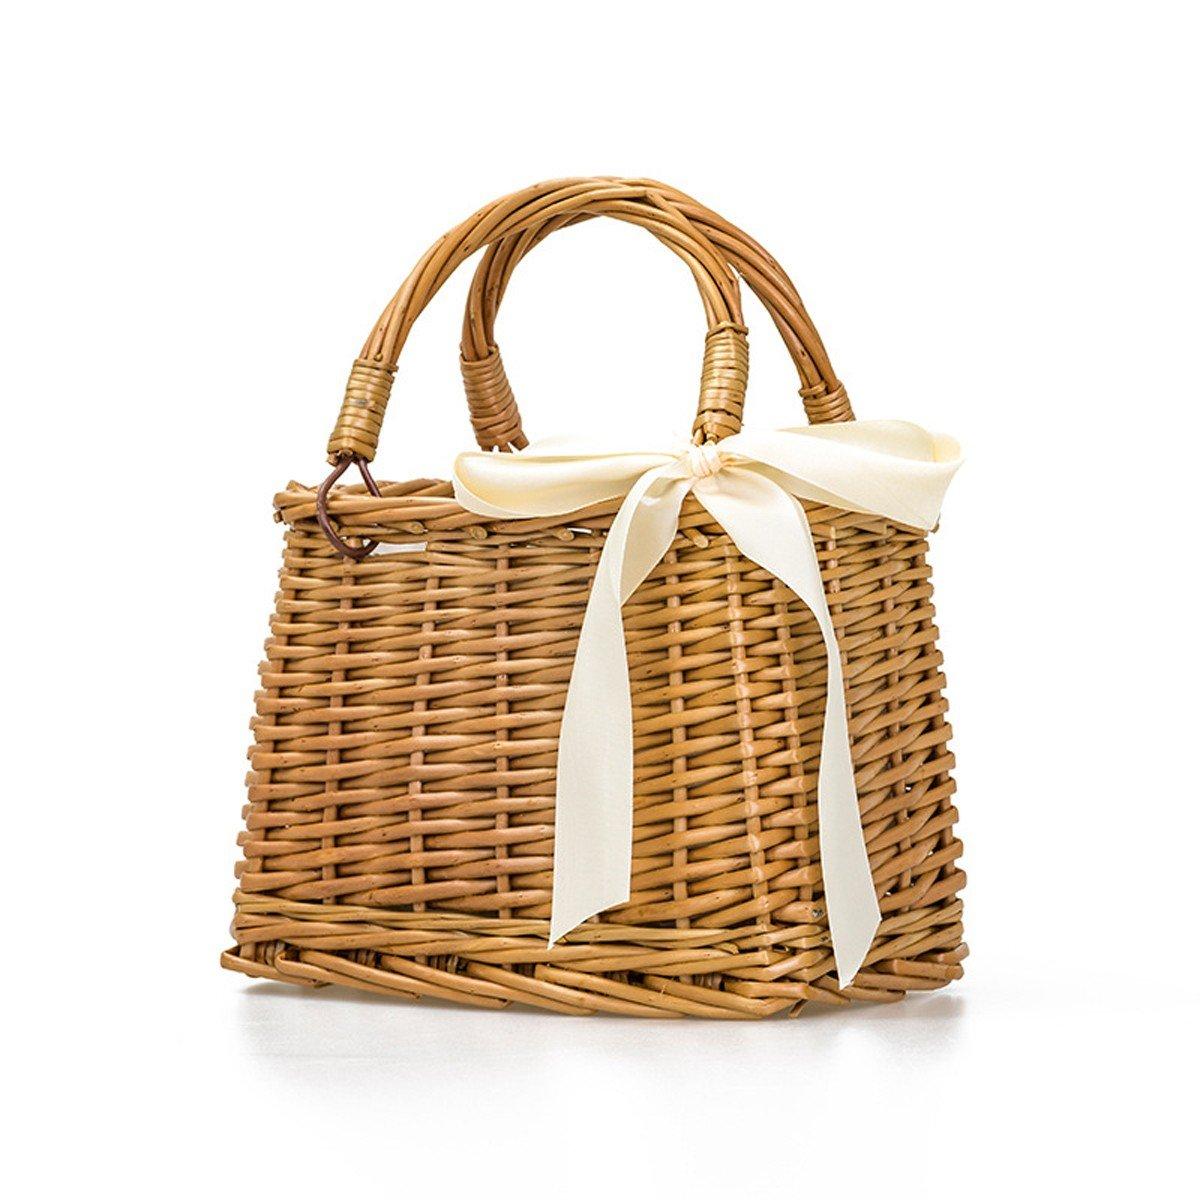 WFYJY-Stroh aus Urlaub badetasche Geflochtene Korb Tasche Mode-Handtasche.